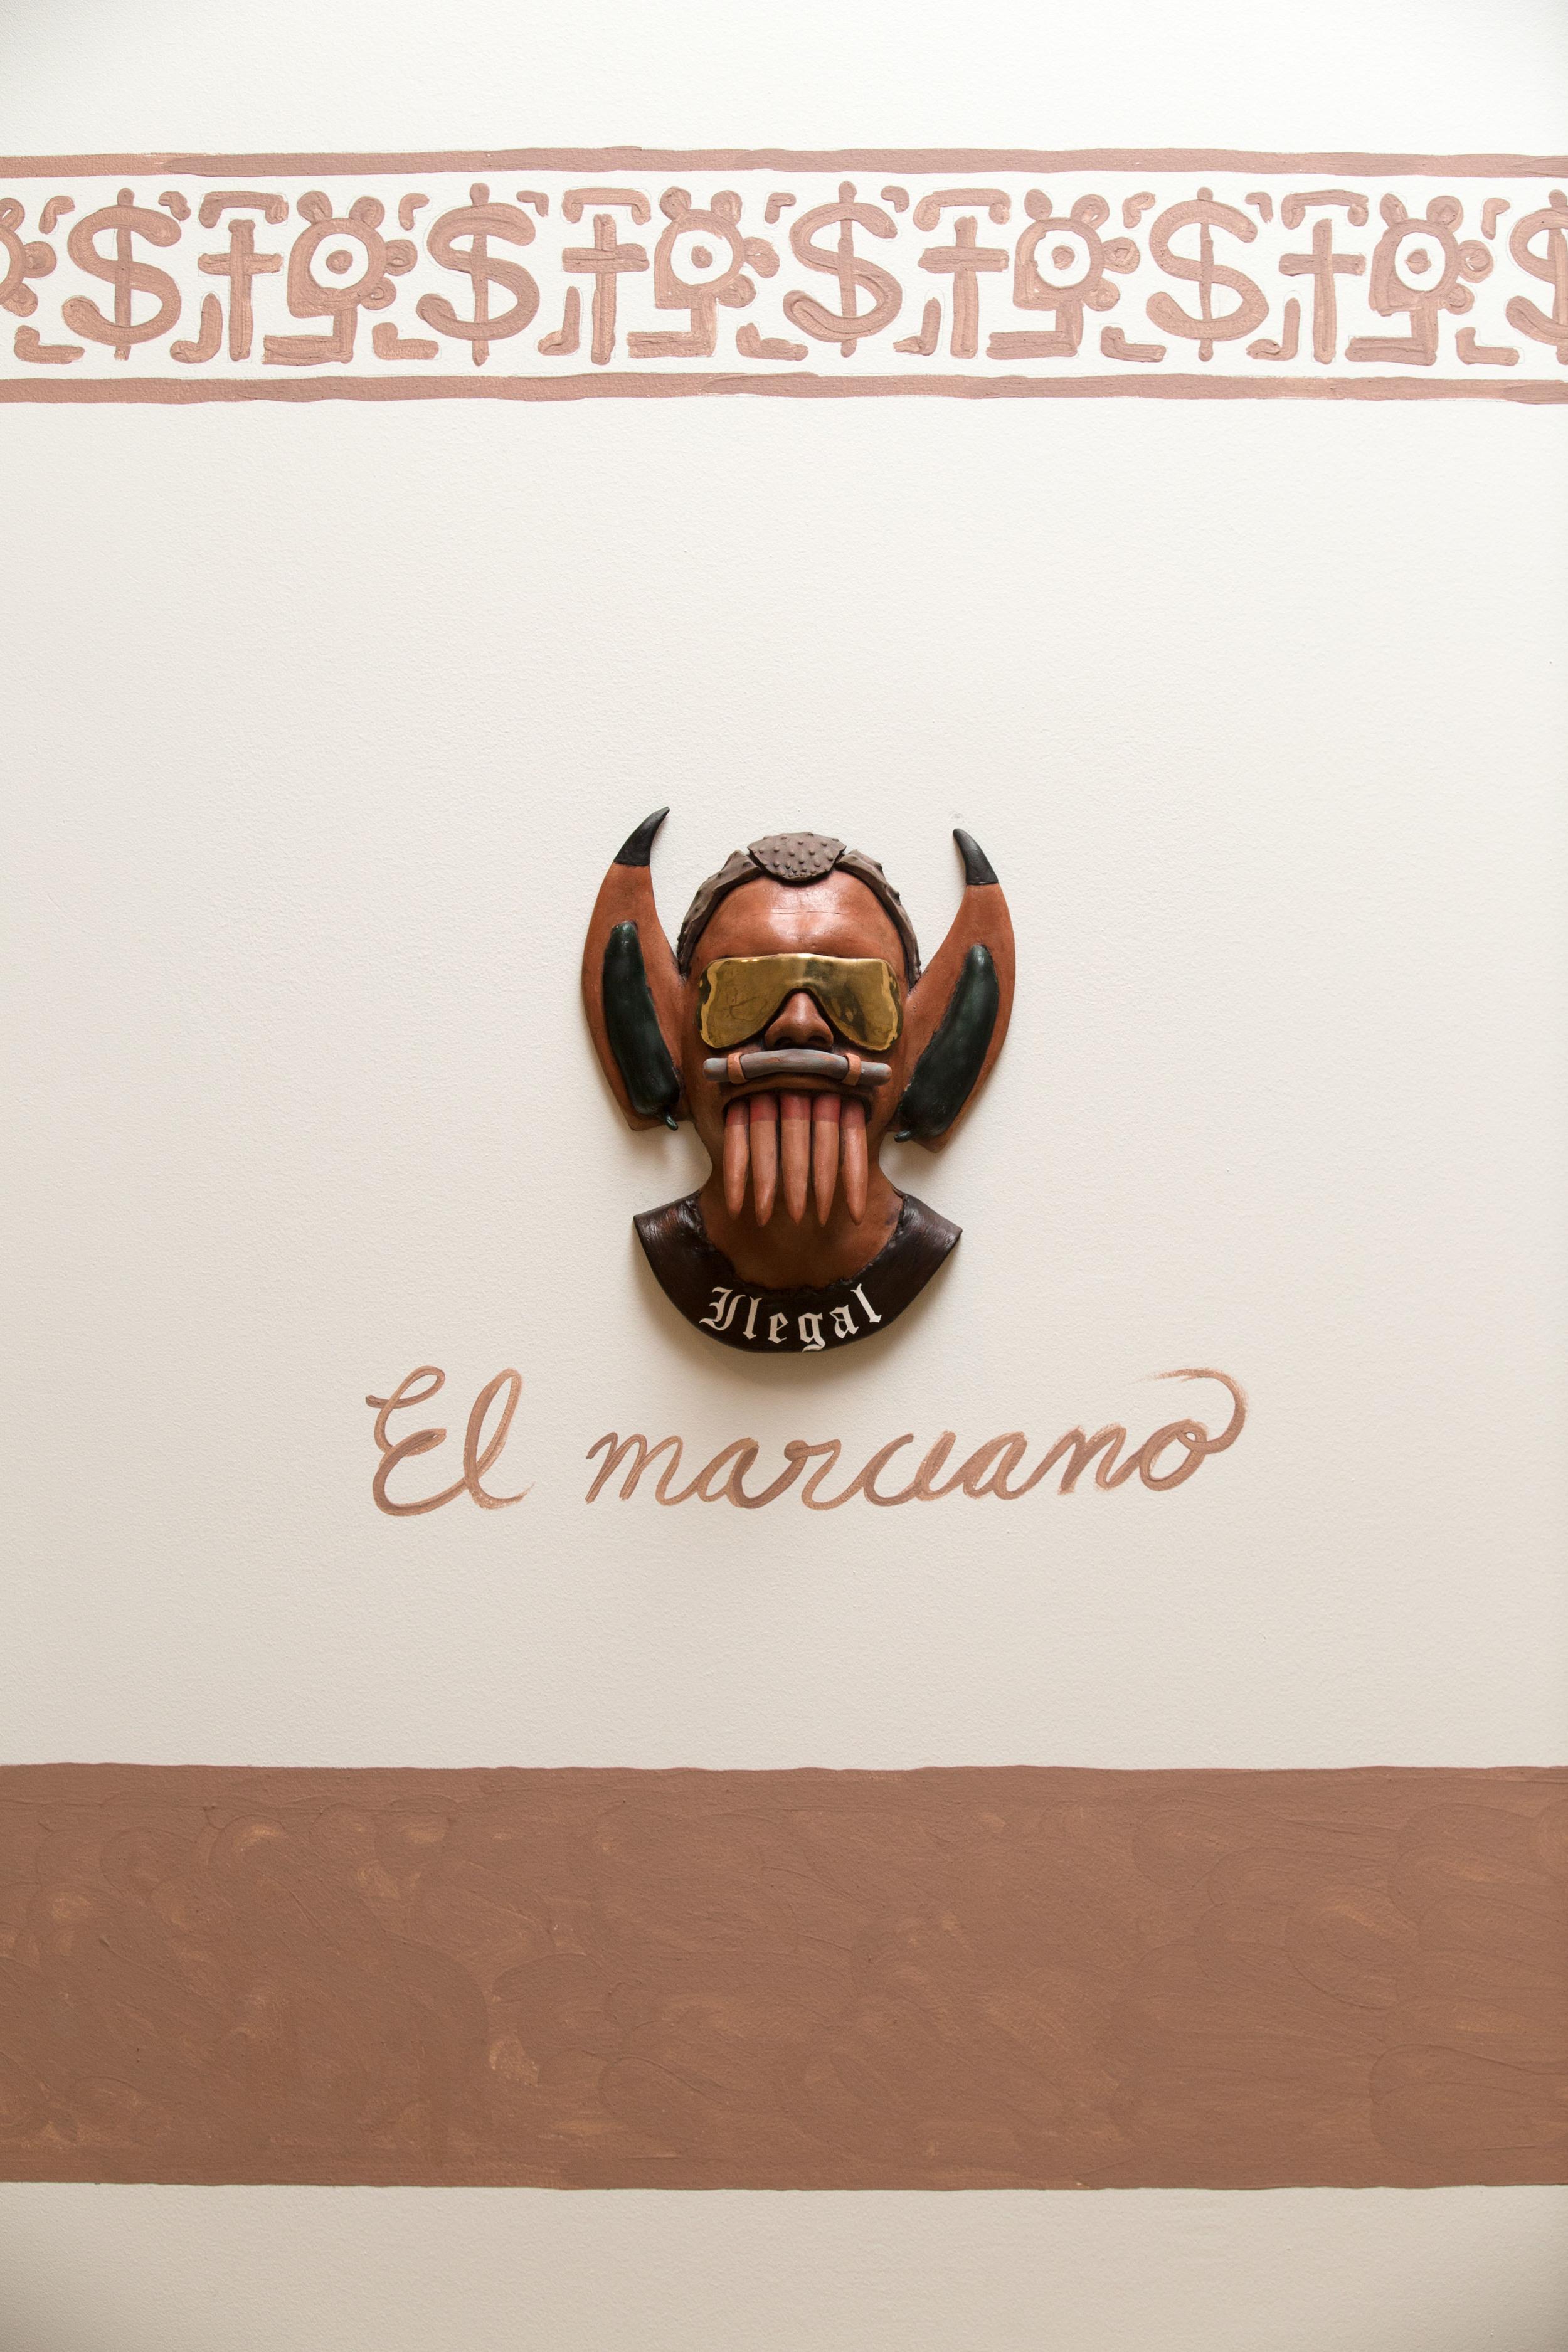 The Alien/El marciano